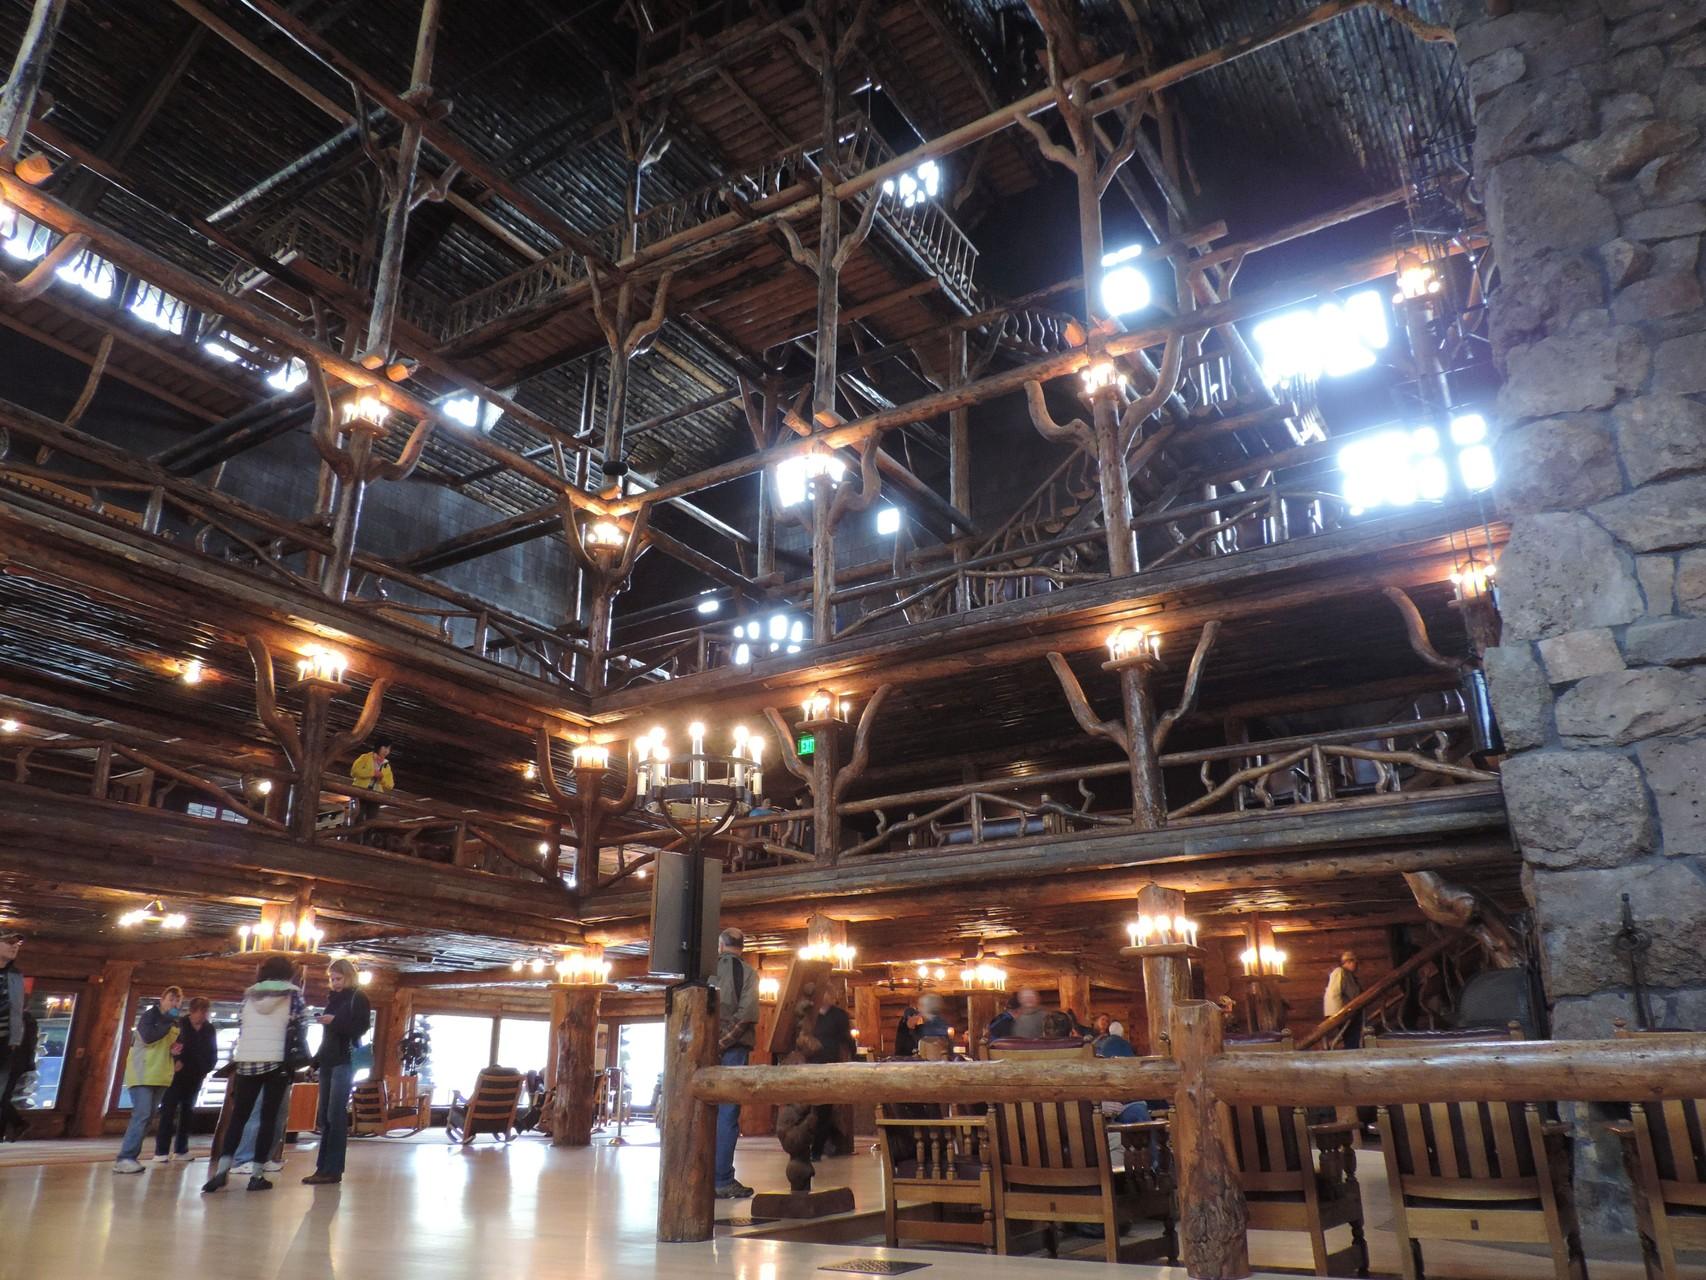 Old Faithful Inn Hotel, sieht aus wie ein riesiges Blockhaus